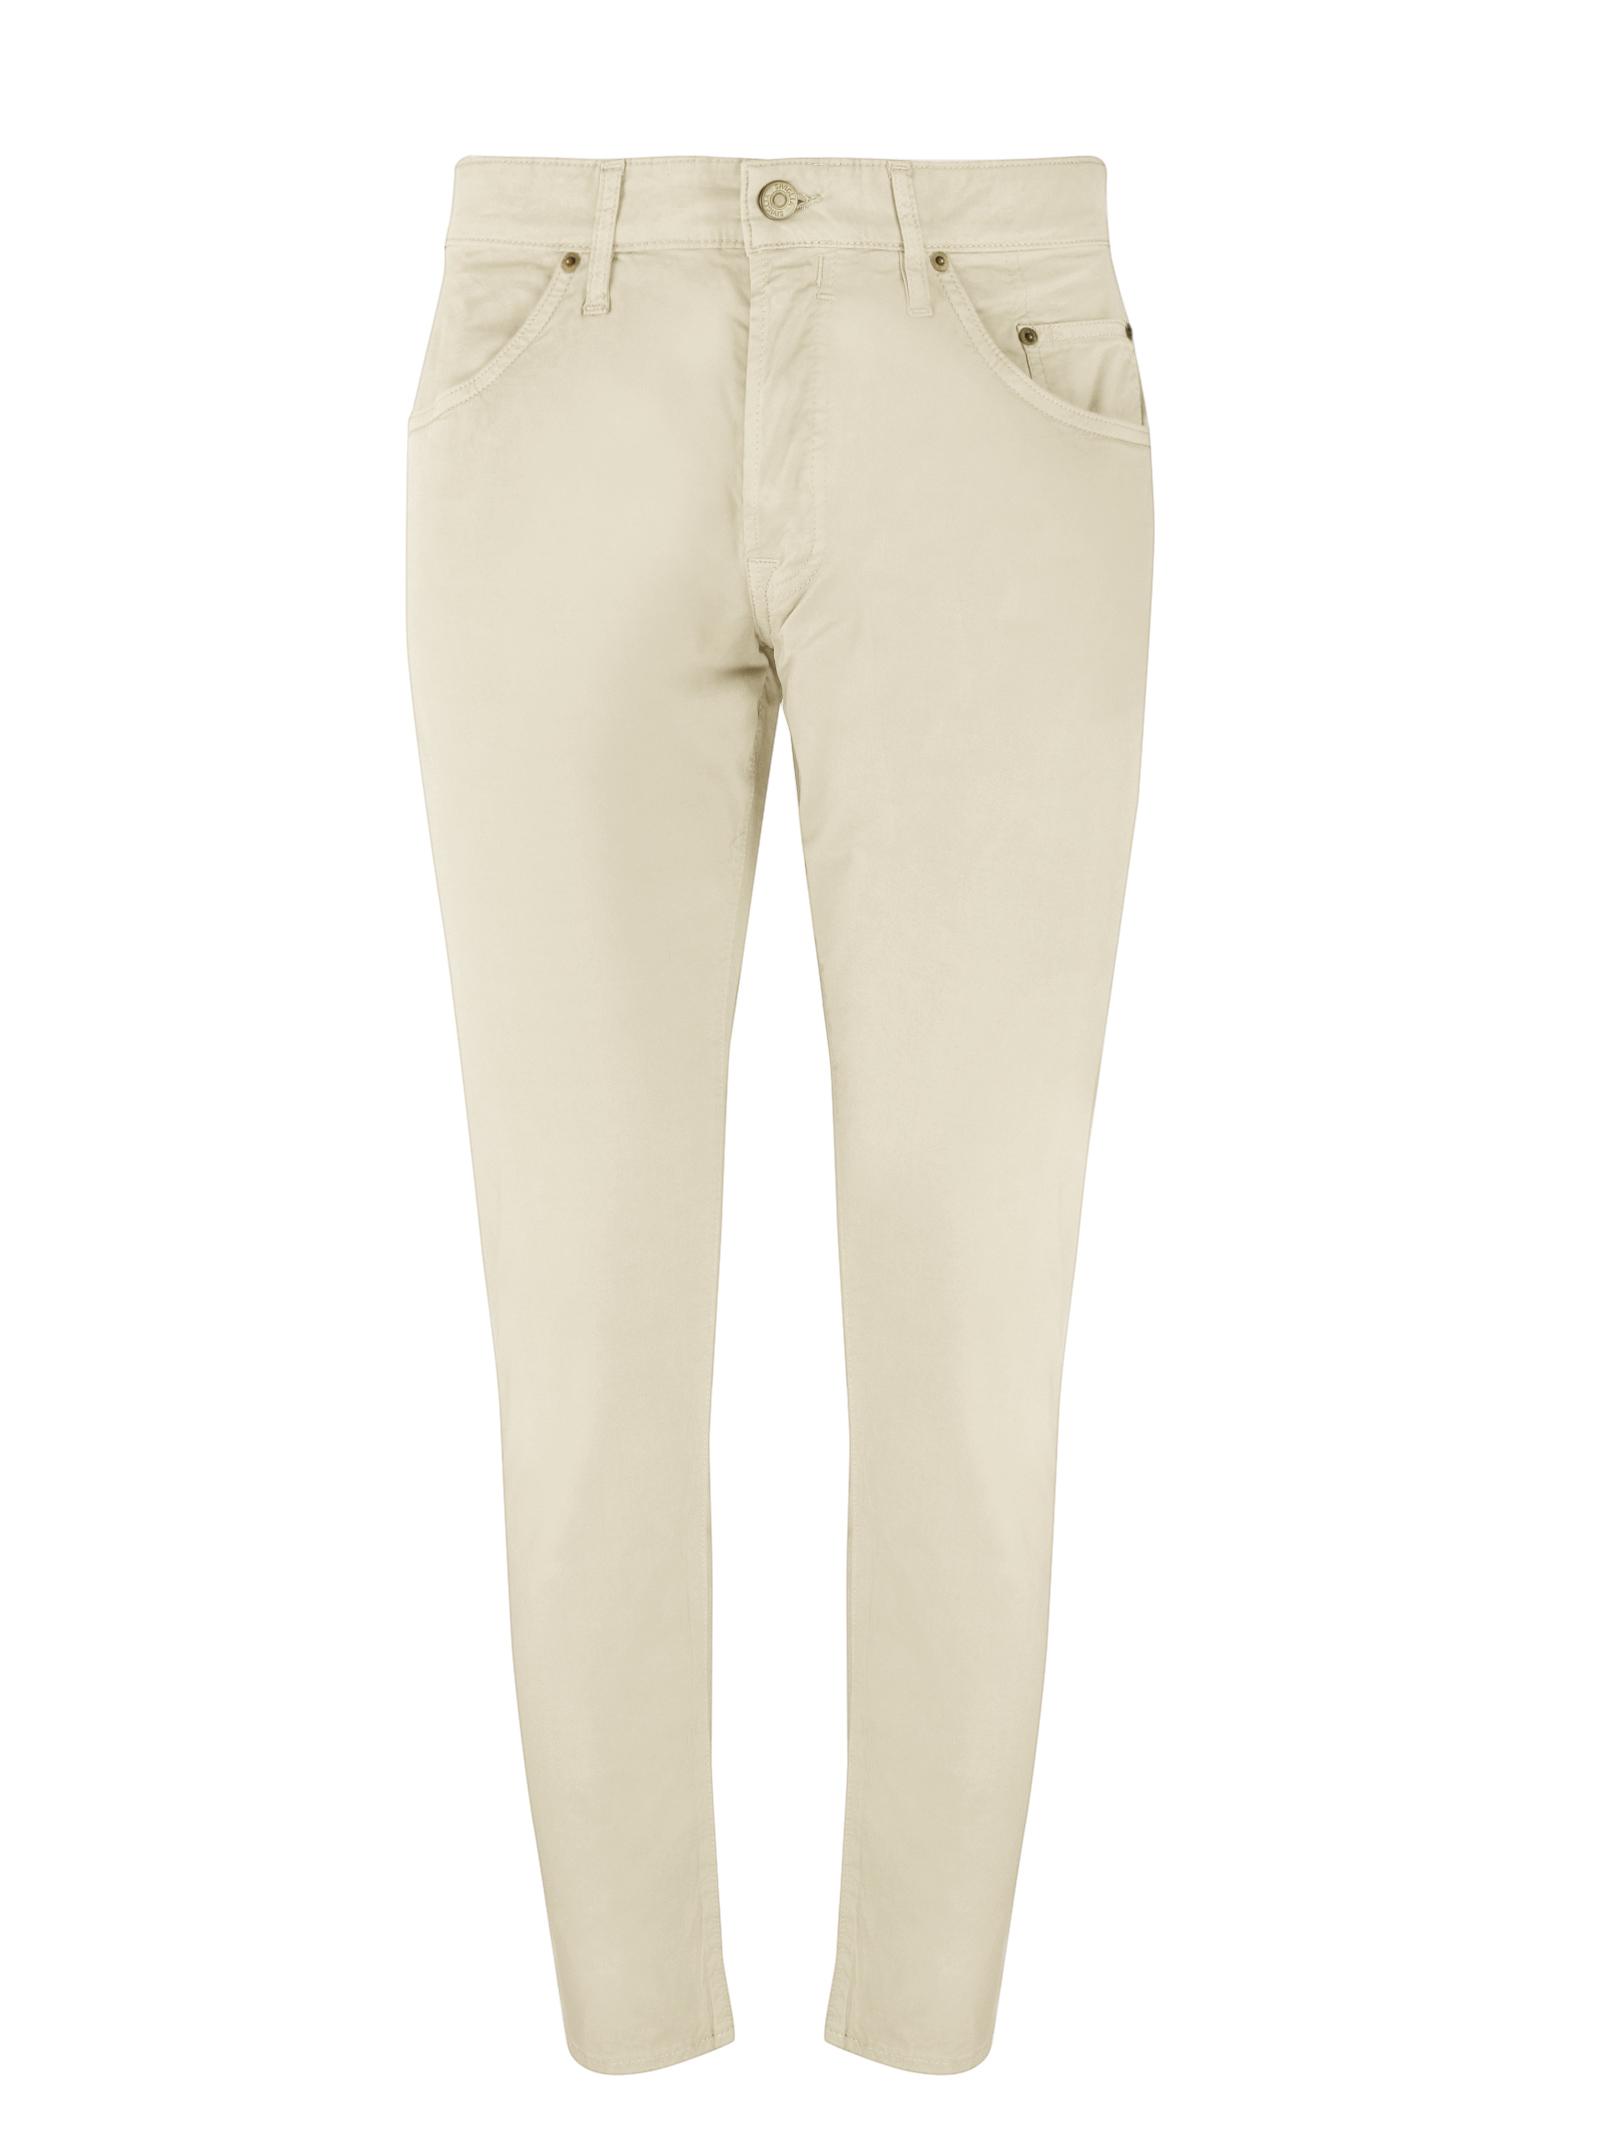 pantaloni 5 tasche in cotone SIVIGLIA | Pantaloni | MQ2002 80230008